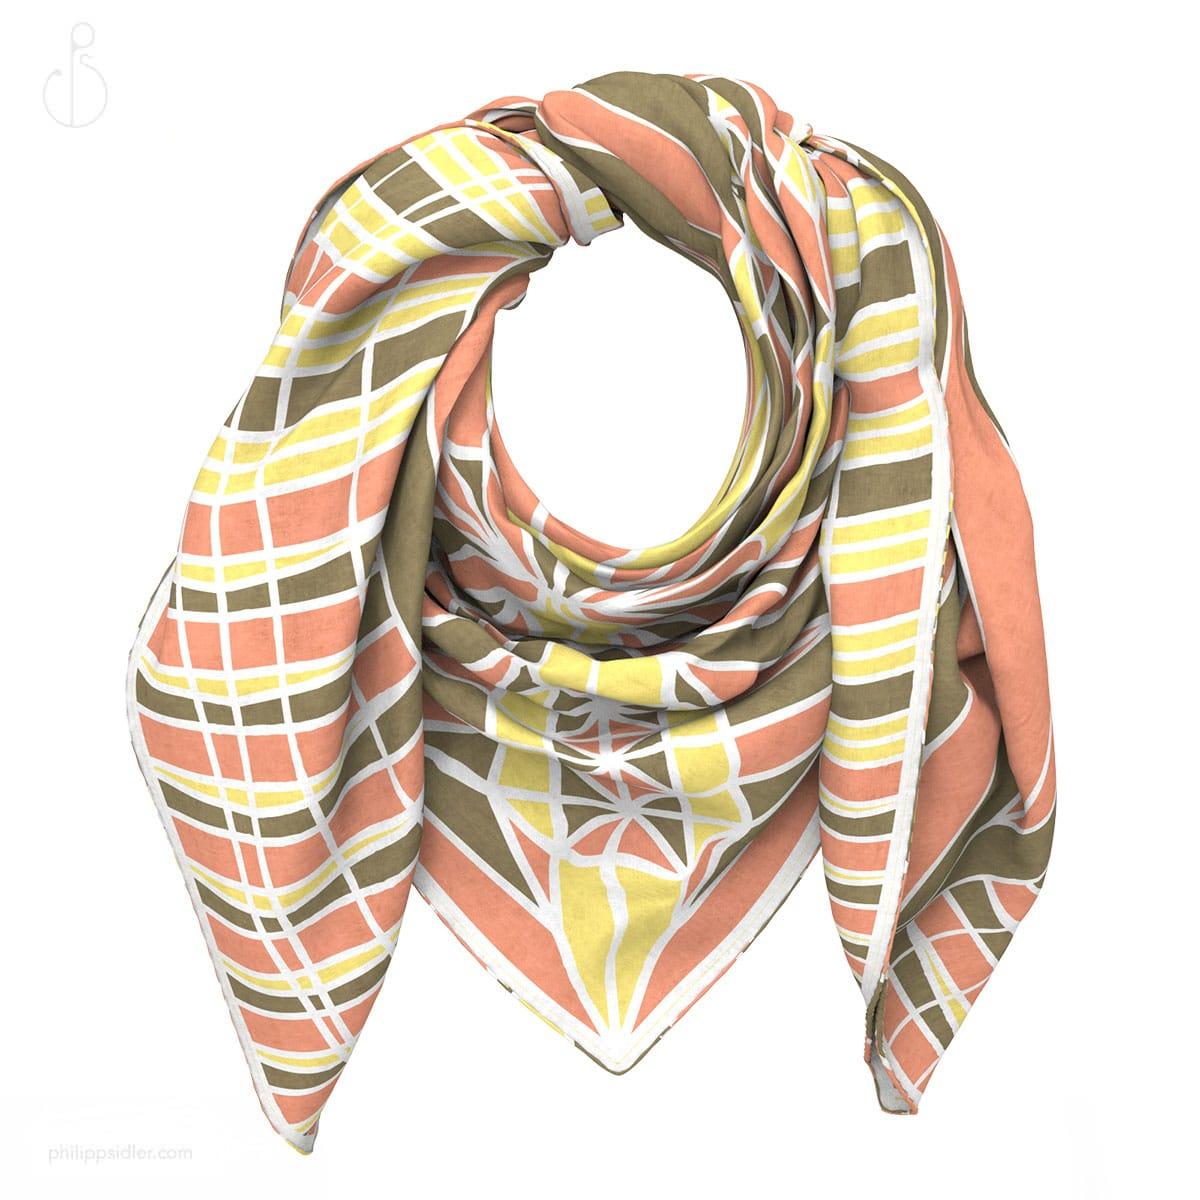 Wishful-Thinking-scarf-circle-philippsidler